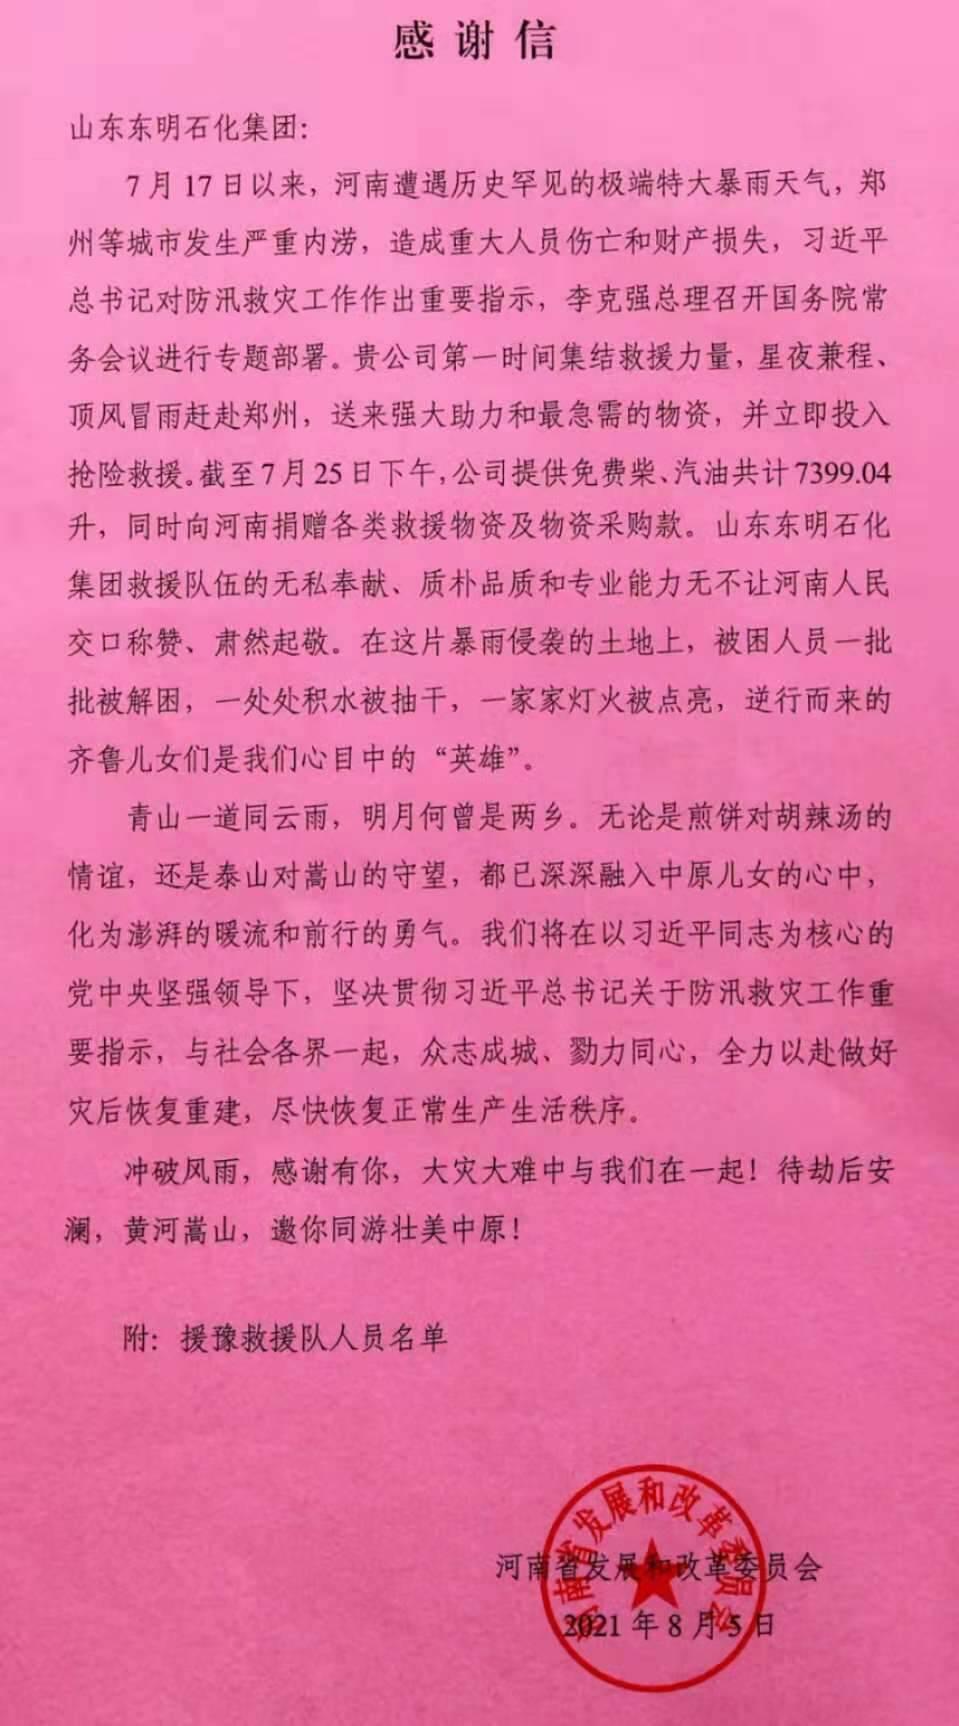 明月何曾是两乡!河南发改委致信感谢东明石化在豫抗洪抢险所做贡献